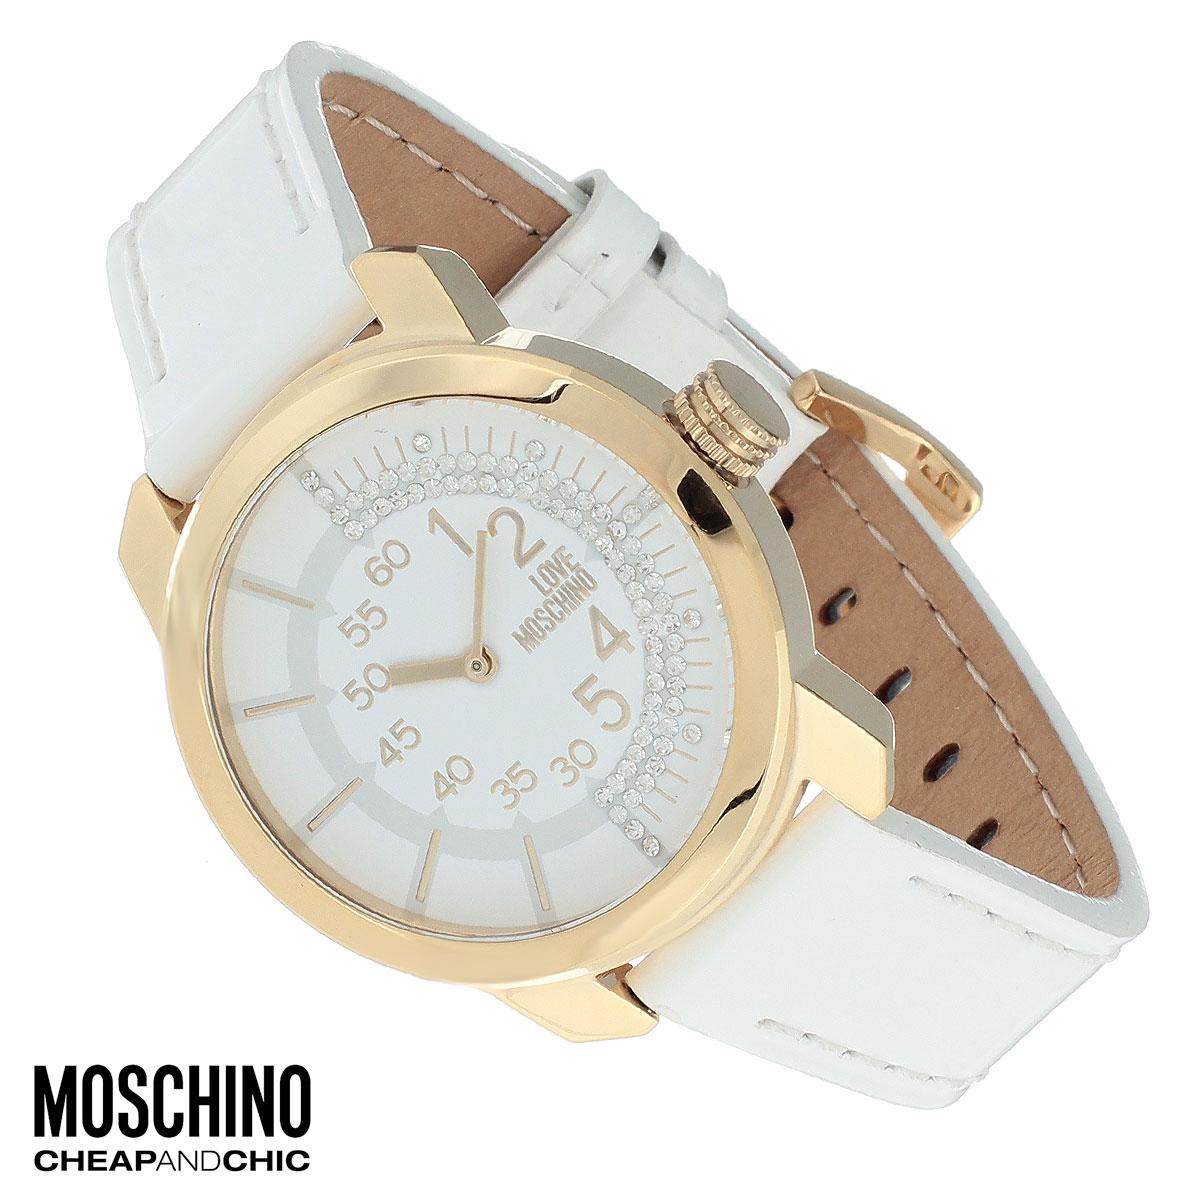 Часы женские наручные Moschino, цвет: белый, золотой. MW0408MW0408Наручные часы от известного итальянского бренда Moschino - это не только стильный и функциональный аксессуар, но и современные технологи, сочетающиеся с экстравагантным дизайном и индивидуальностью. Часы Moschino оснащены кварцевым механизмом. Корпус выполнен из высококачественной нержавеющей стали с PVD-покрытием. Циферблат с арабскими цифрами декорирован стразами и защищен минеральным стеклом. Часы имеют две стрелки - часовую и минутную. Ремешок часов выполнен из натуральной лаковой кожи и оснащен классической застежкой. Часы упакованы в фирменную металлическую коробку с логотипом бренда. Часы Moschino благодаря своему уникальному дизайну отличаются от часов других марок своеобразными циферблатами, функциональностью, а также набором уникальных технических свойств. Каждой модели присуща легкая экстравагантность, самобытность и, безусловно, великолепный вкус. Характеристики: Диаметр циферблата: 3,2 см. Размер корпуса: 3,8...